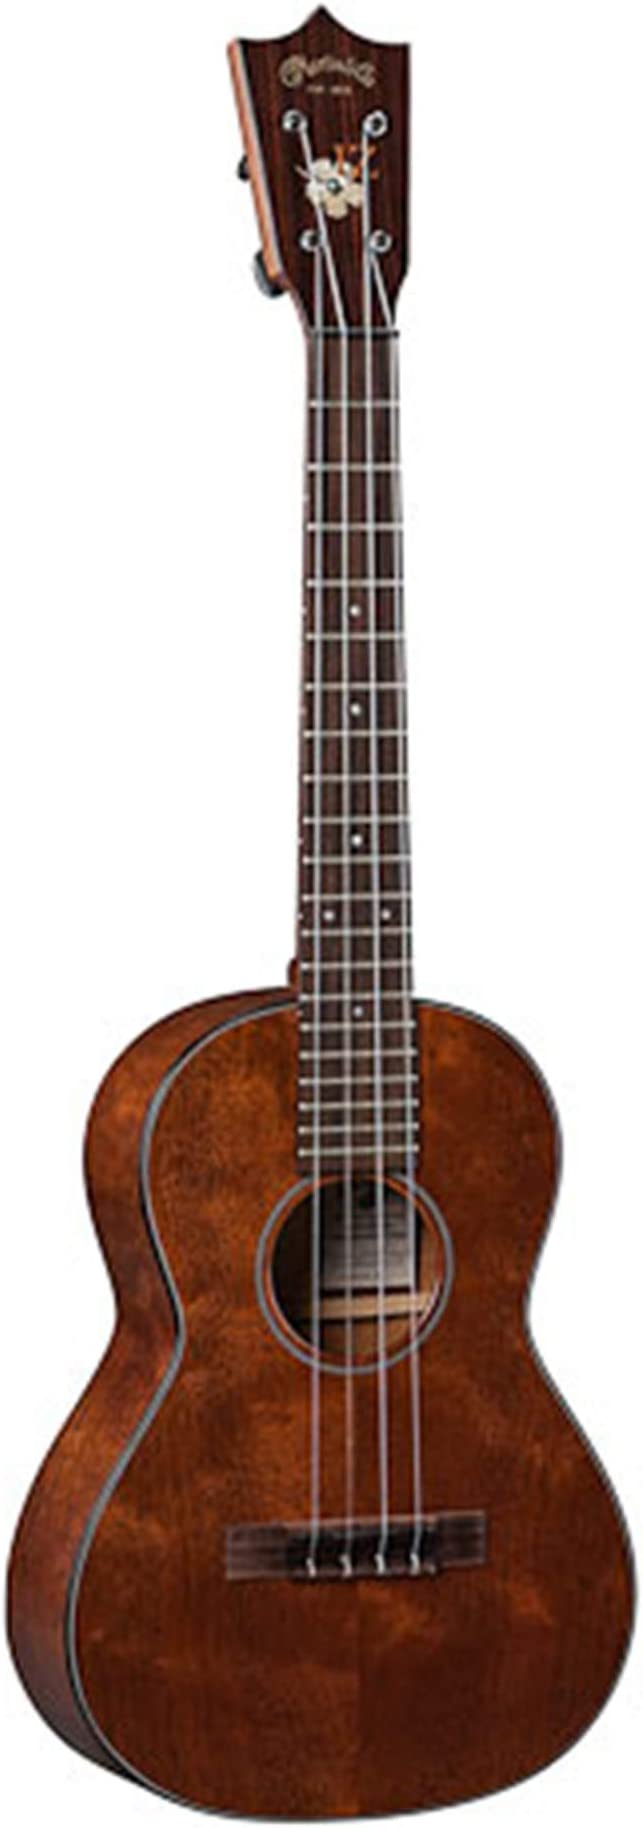 Martin Guitar 1T IZ Acoustic Ukulele